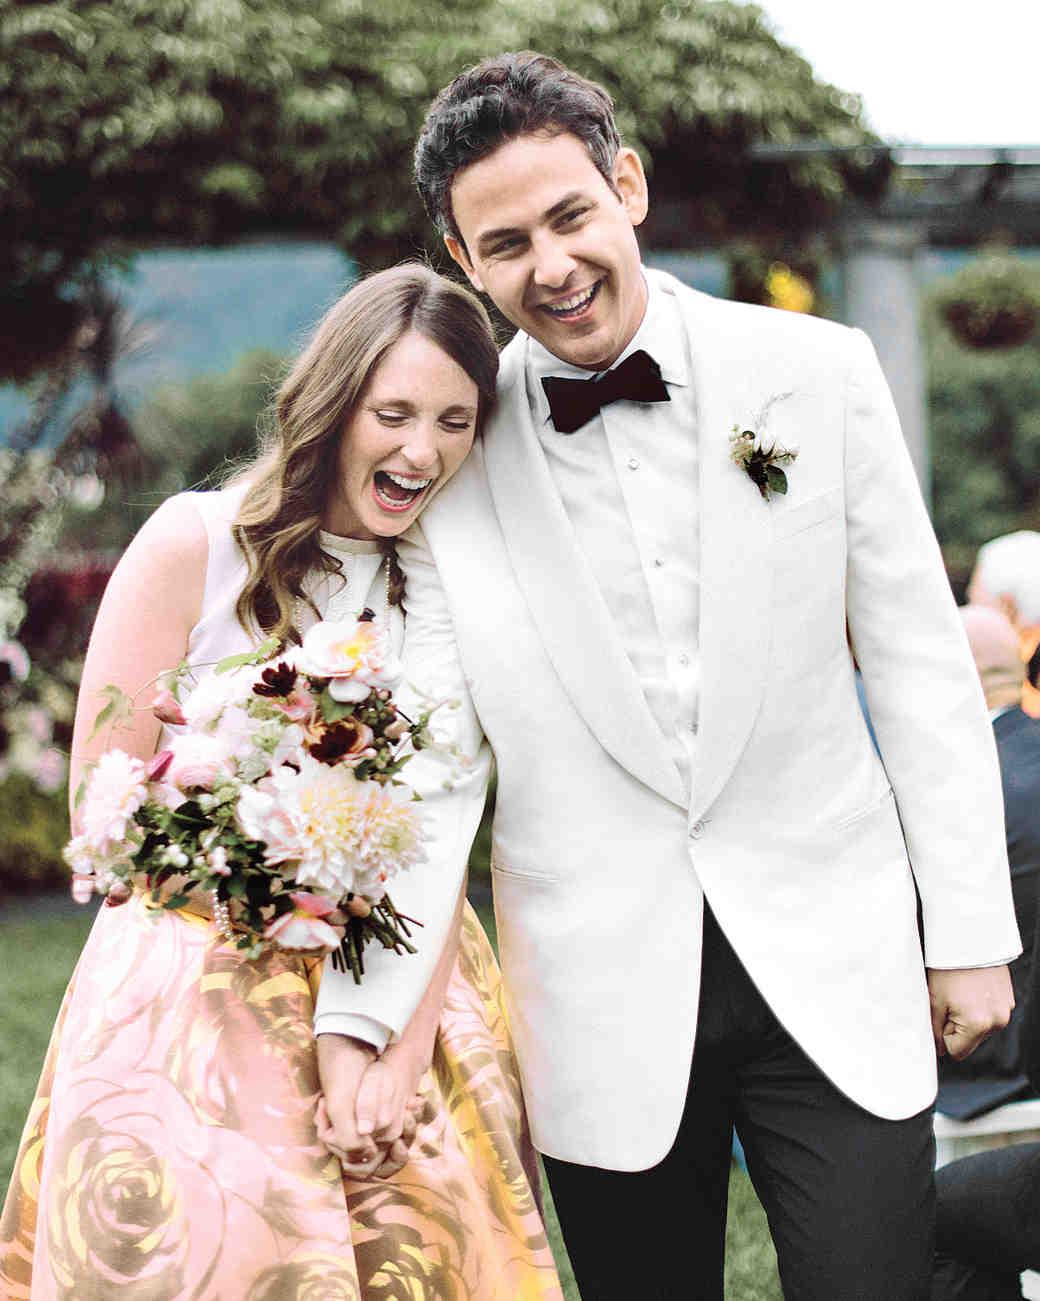 bride-groom-emily-marco-569-mwds110872.jpg